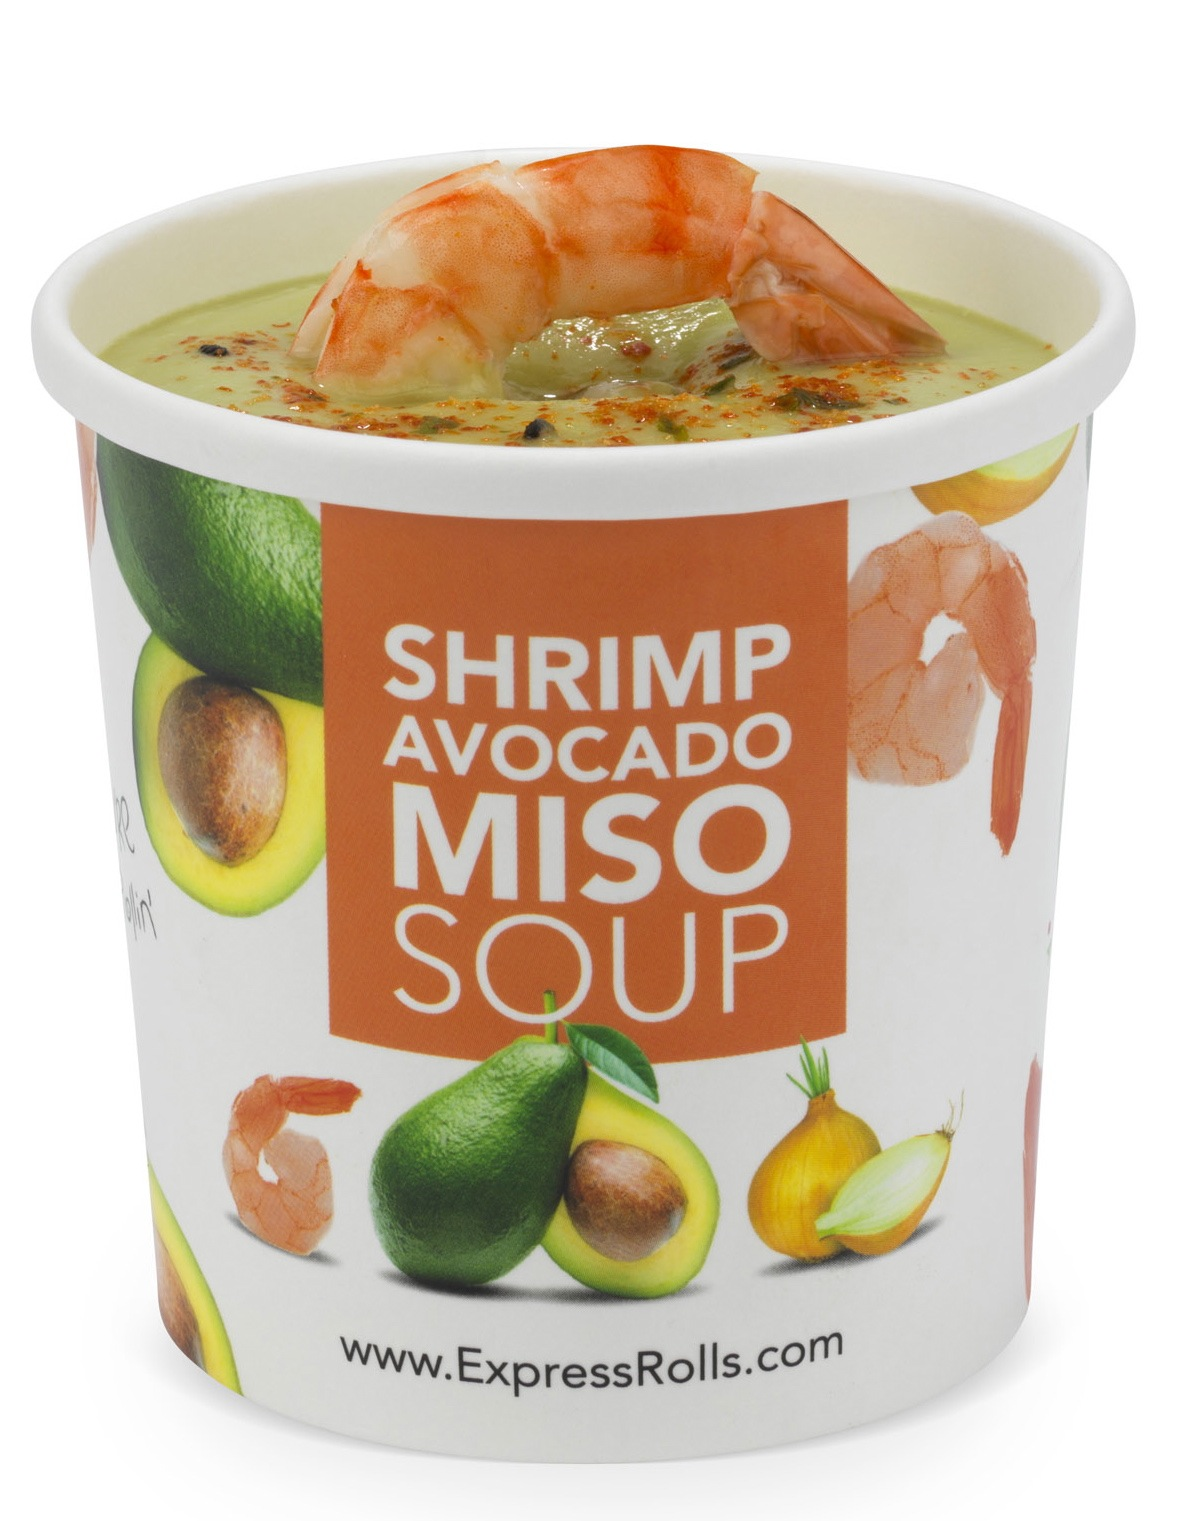 Shrimp Avocado Miso Soup ExpressRolls.com